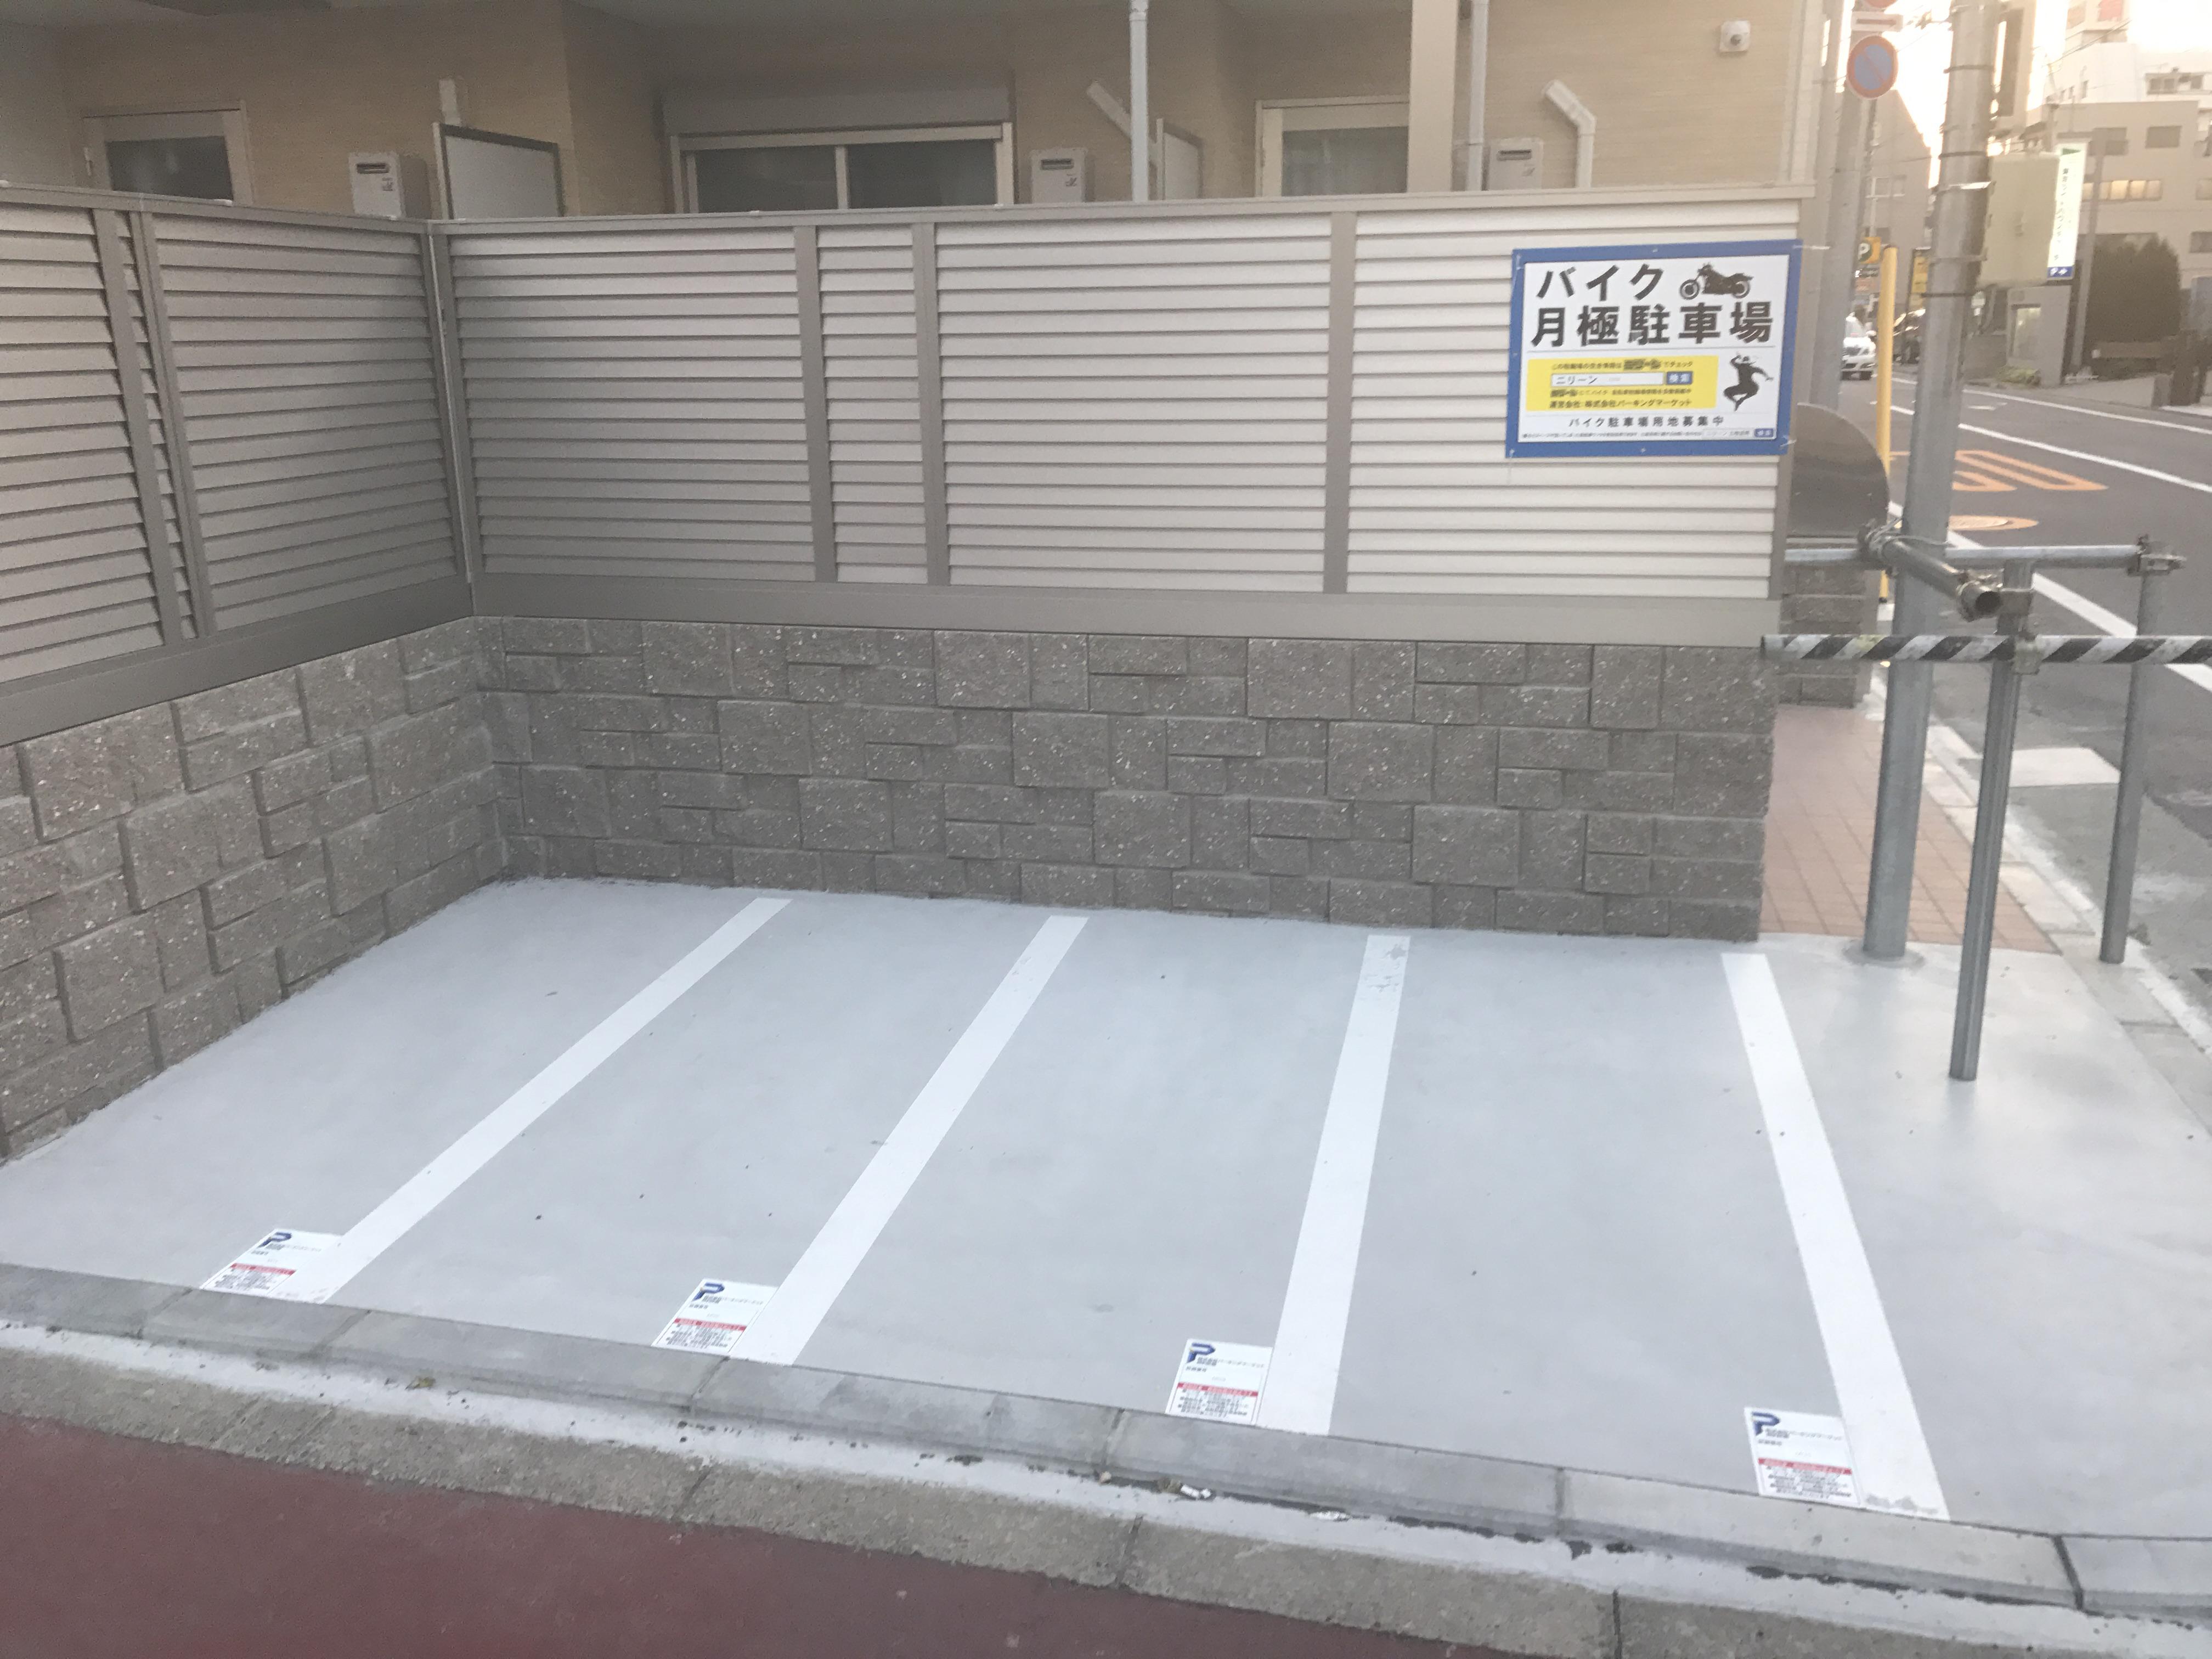 月極駐車場 クレイノアムレット矢口渡の写真1